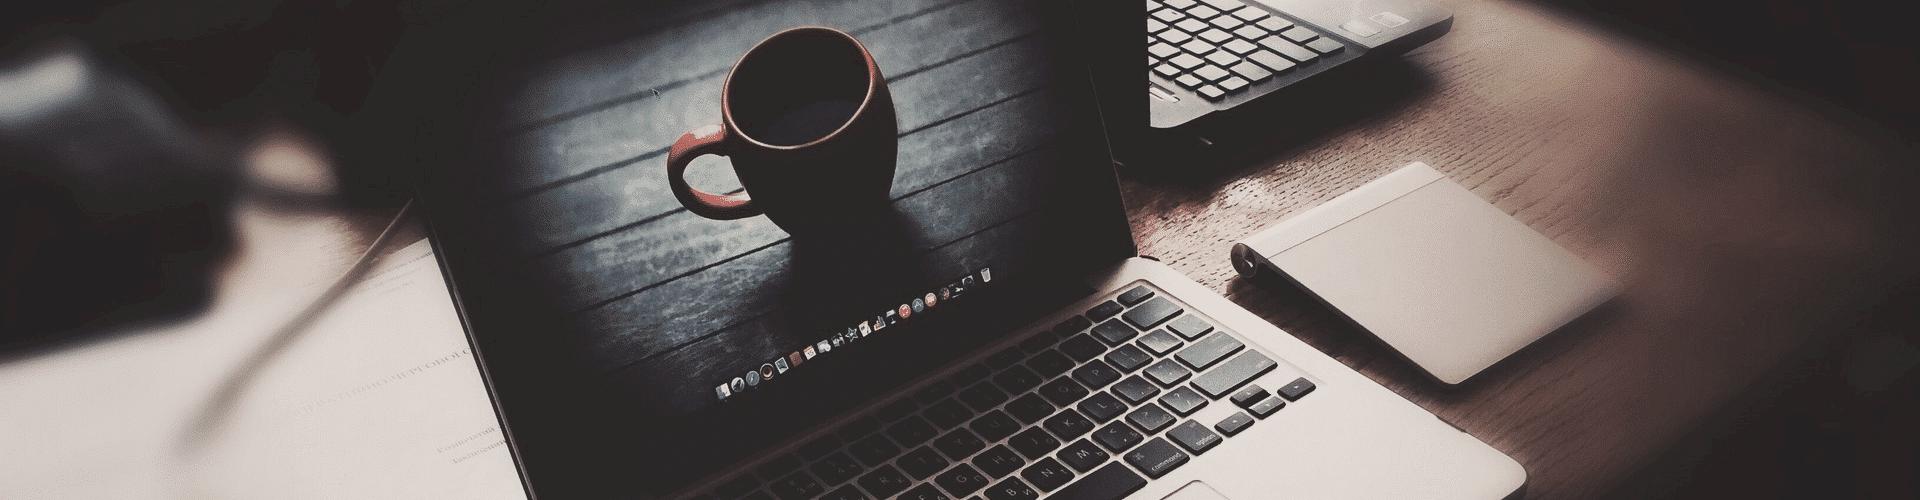 Office 2019专业版安装与激活